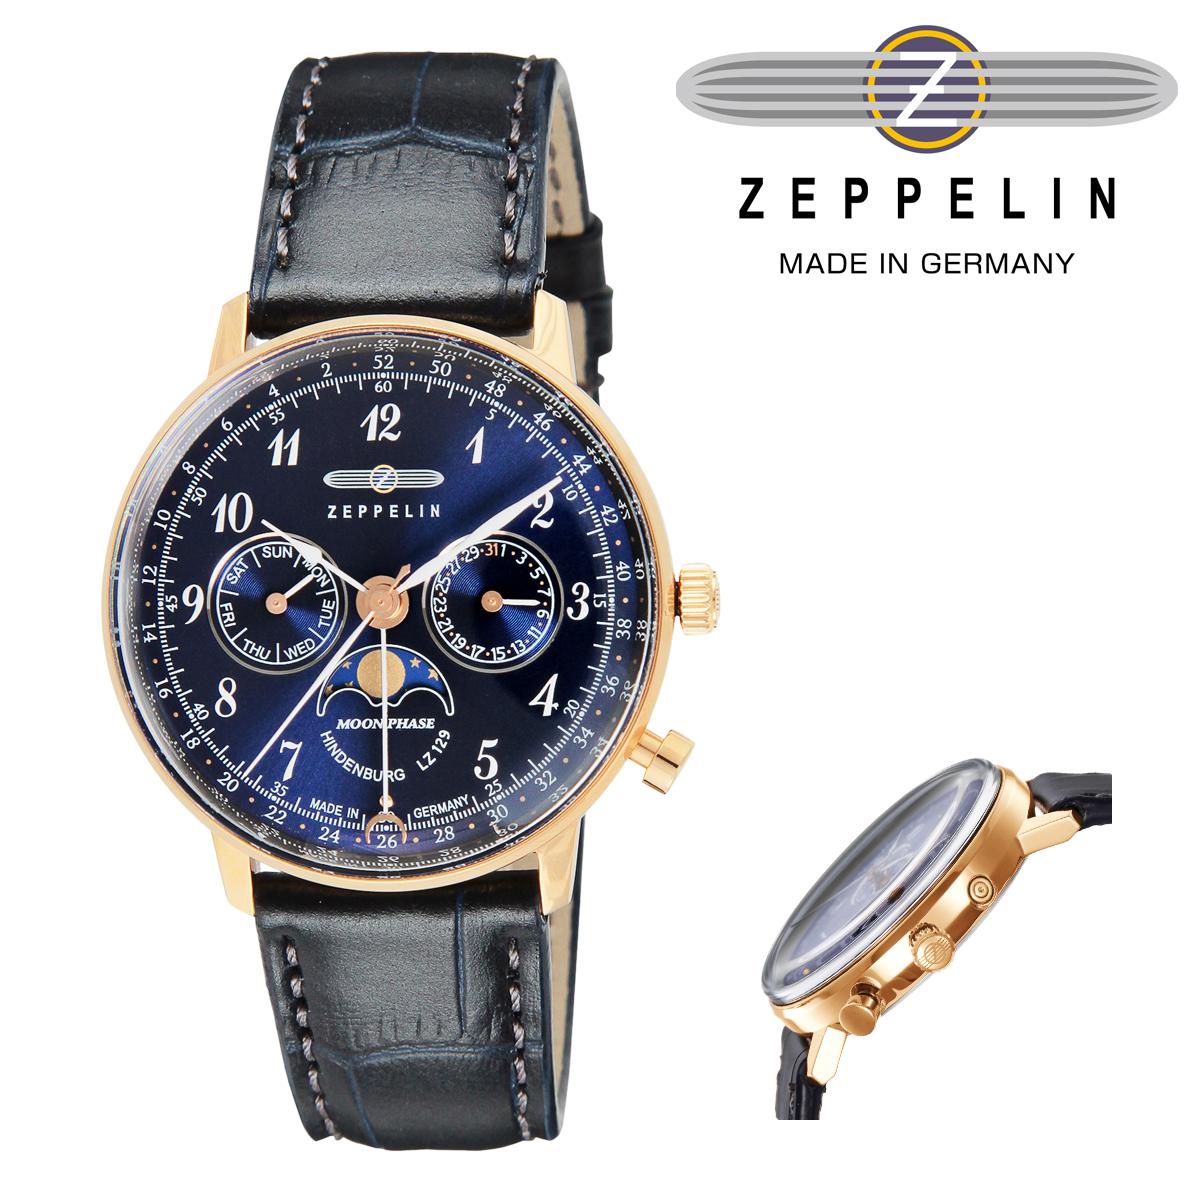 ツェッペリン 腕時計 HINDENBURGmoonphase 1877042 メンズ ZEPPELIN ステンレススチール アクリルガラス 本革